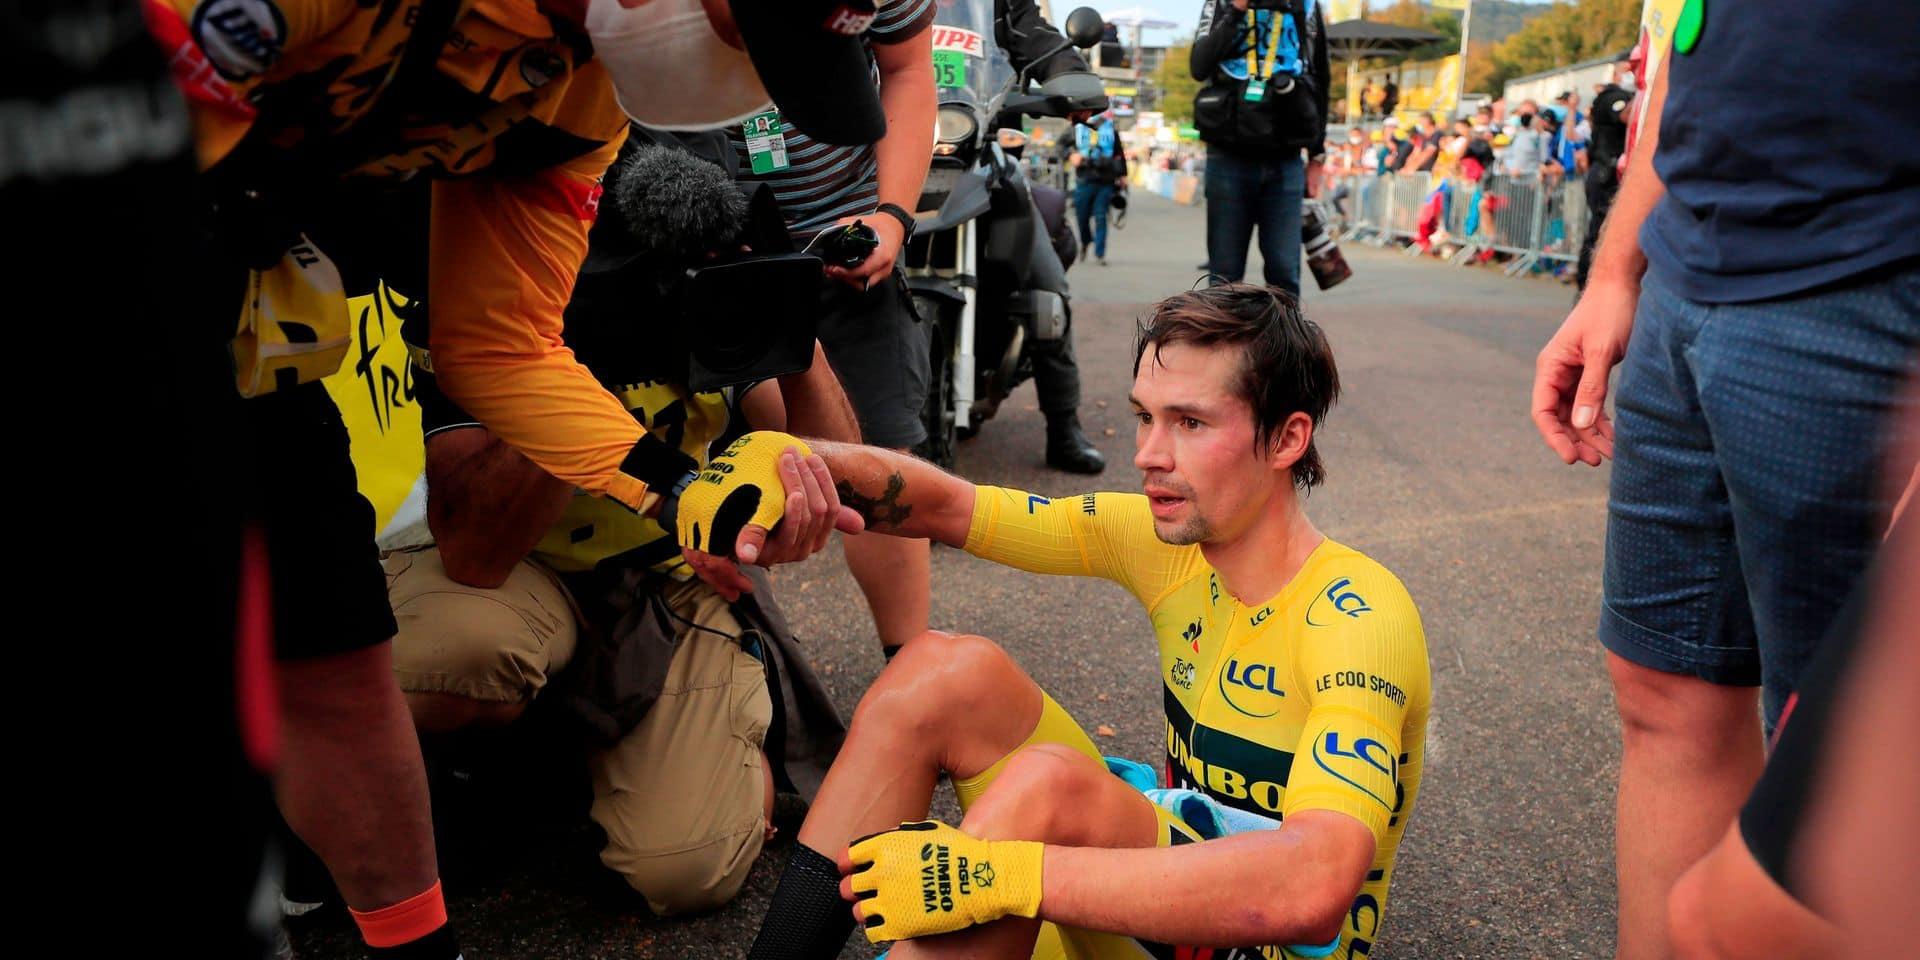 """Roglic évoque un """"problème de jambes"""", Van Aert avait compris que cela """"ne tournait pas rond"""": comment les Jumbo-Visma ont vécu la débâcle de l'intérieur"""